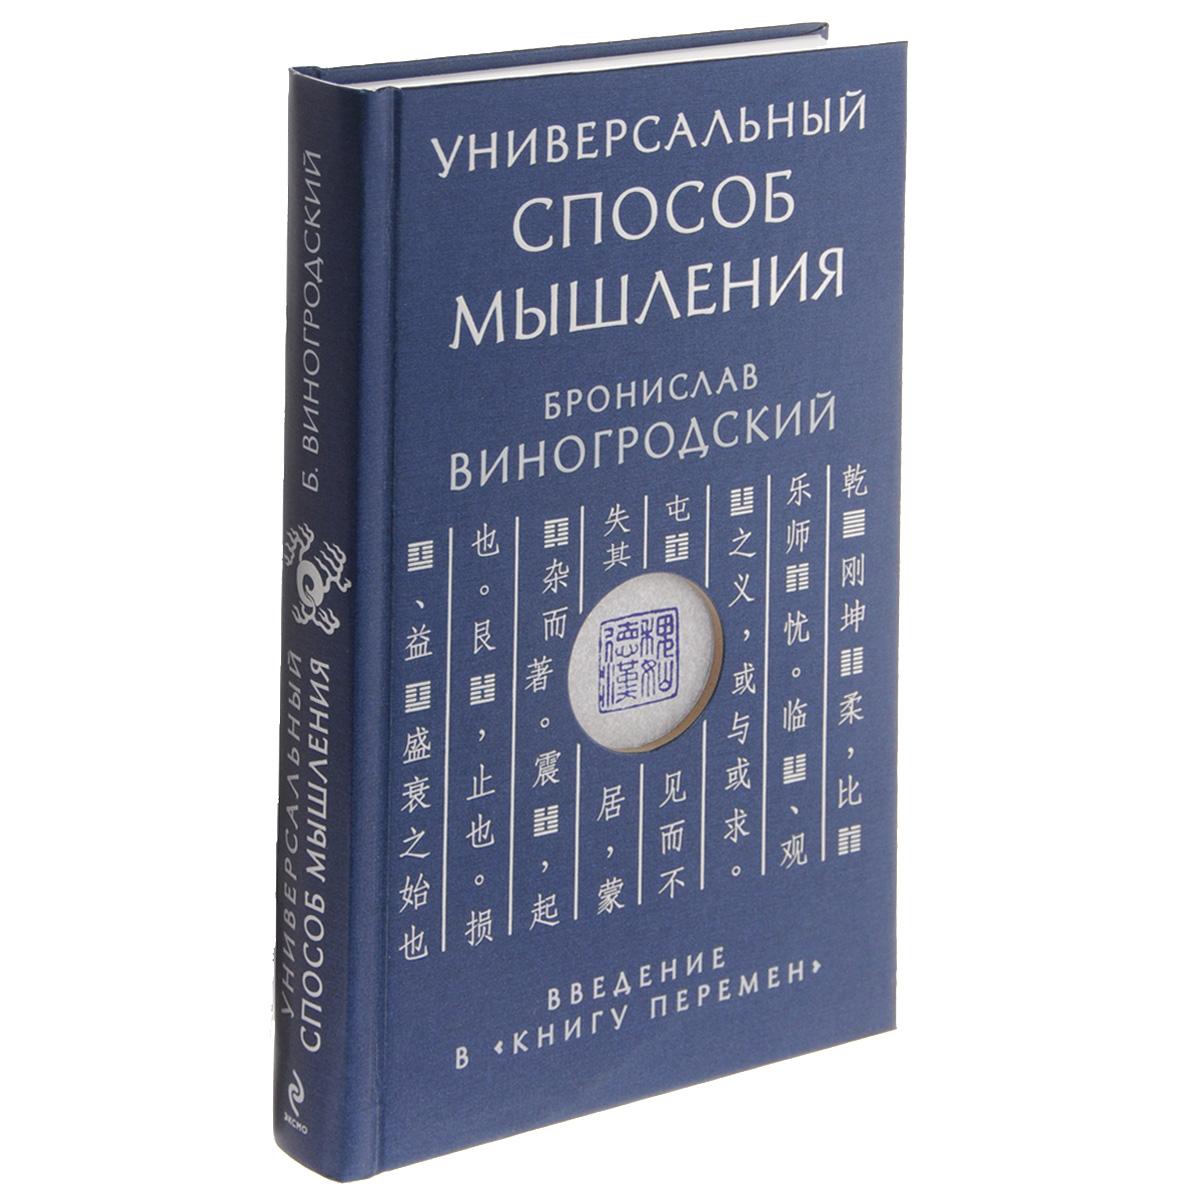 Бронислав Виногродский Универсальный способ мышления. Введение в